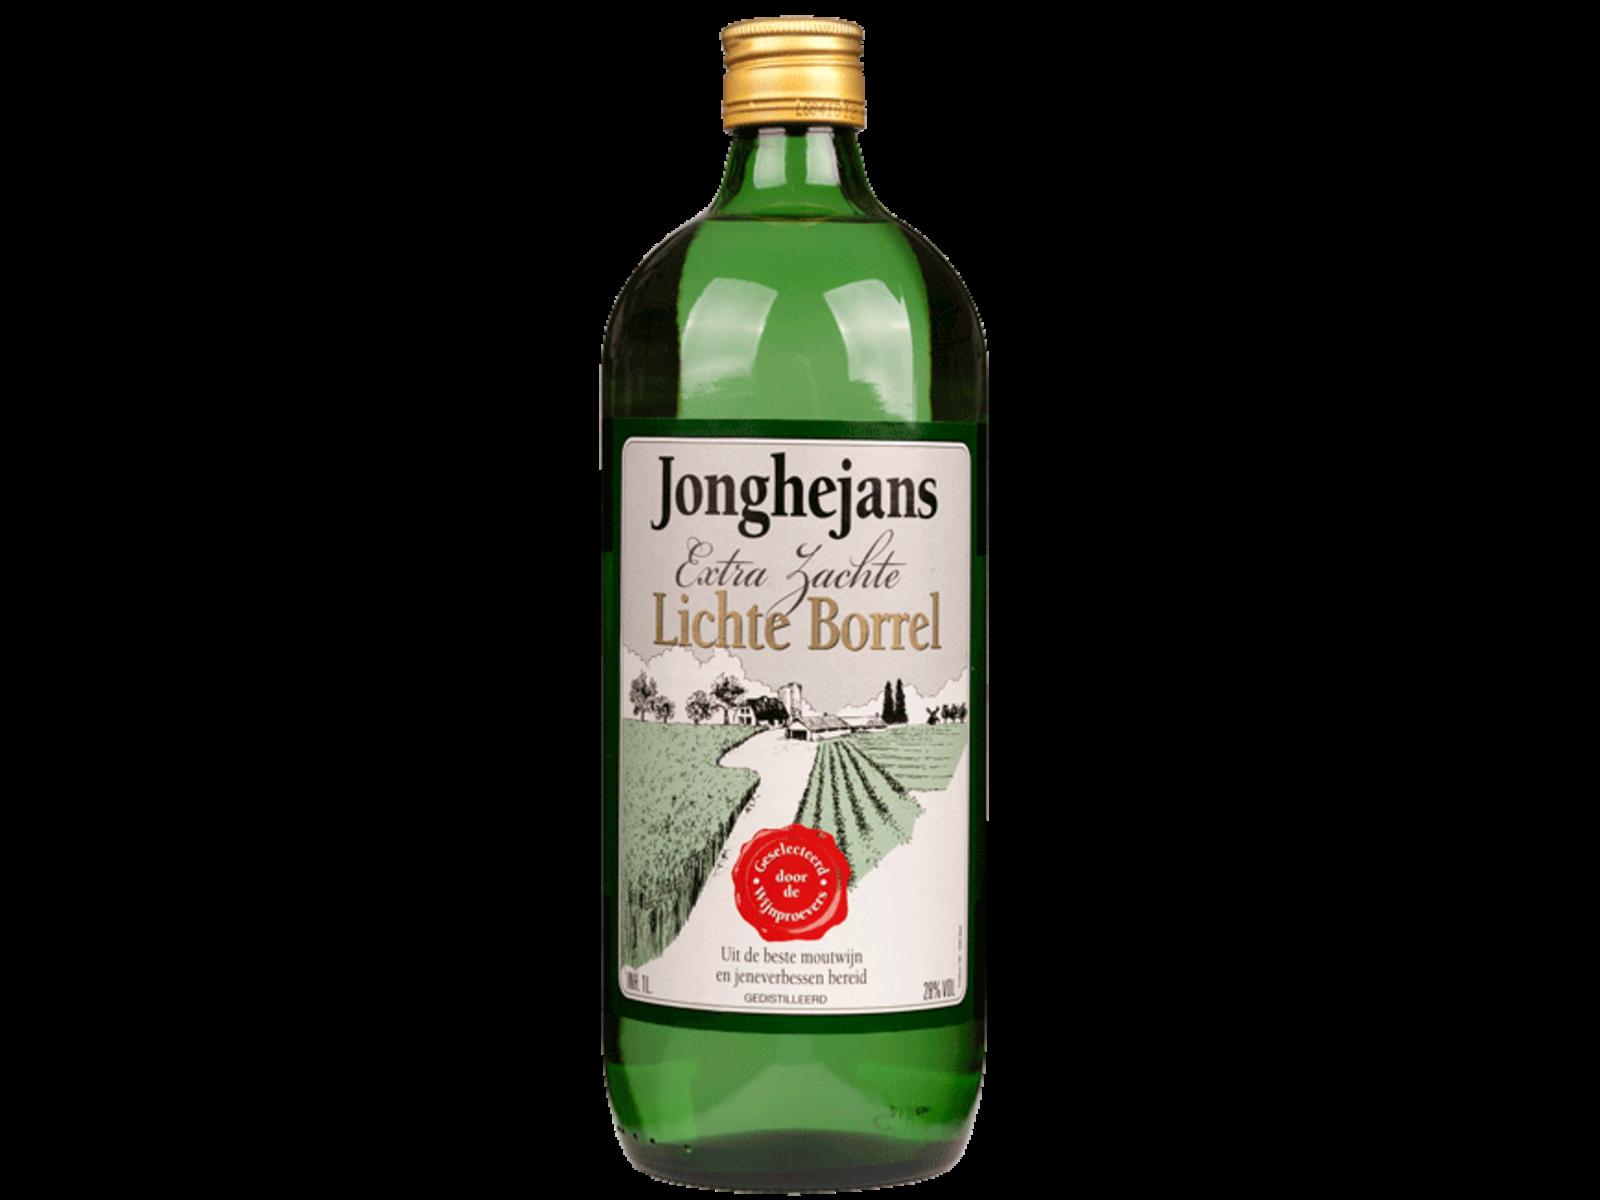 Jonghejans Lichte Borrel Jonghejans ( 0.28 )